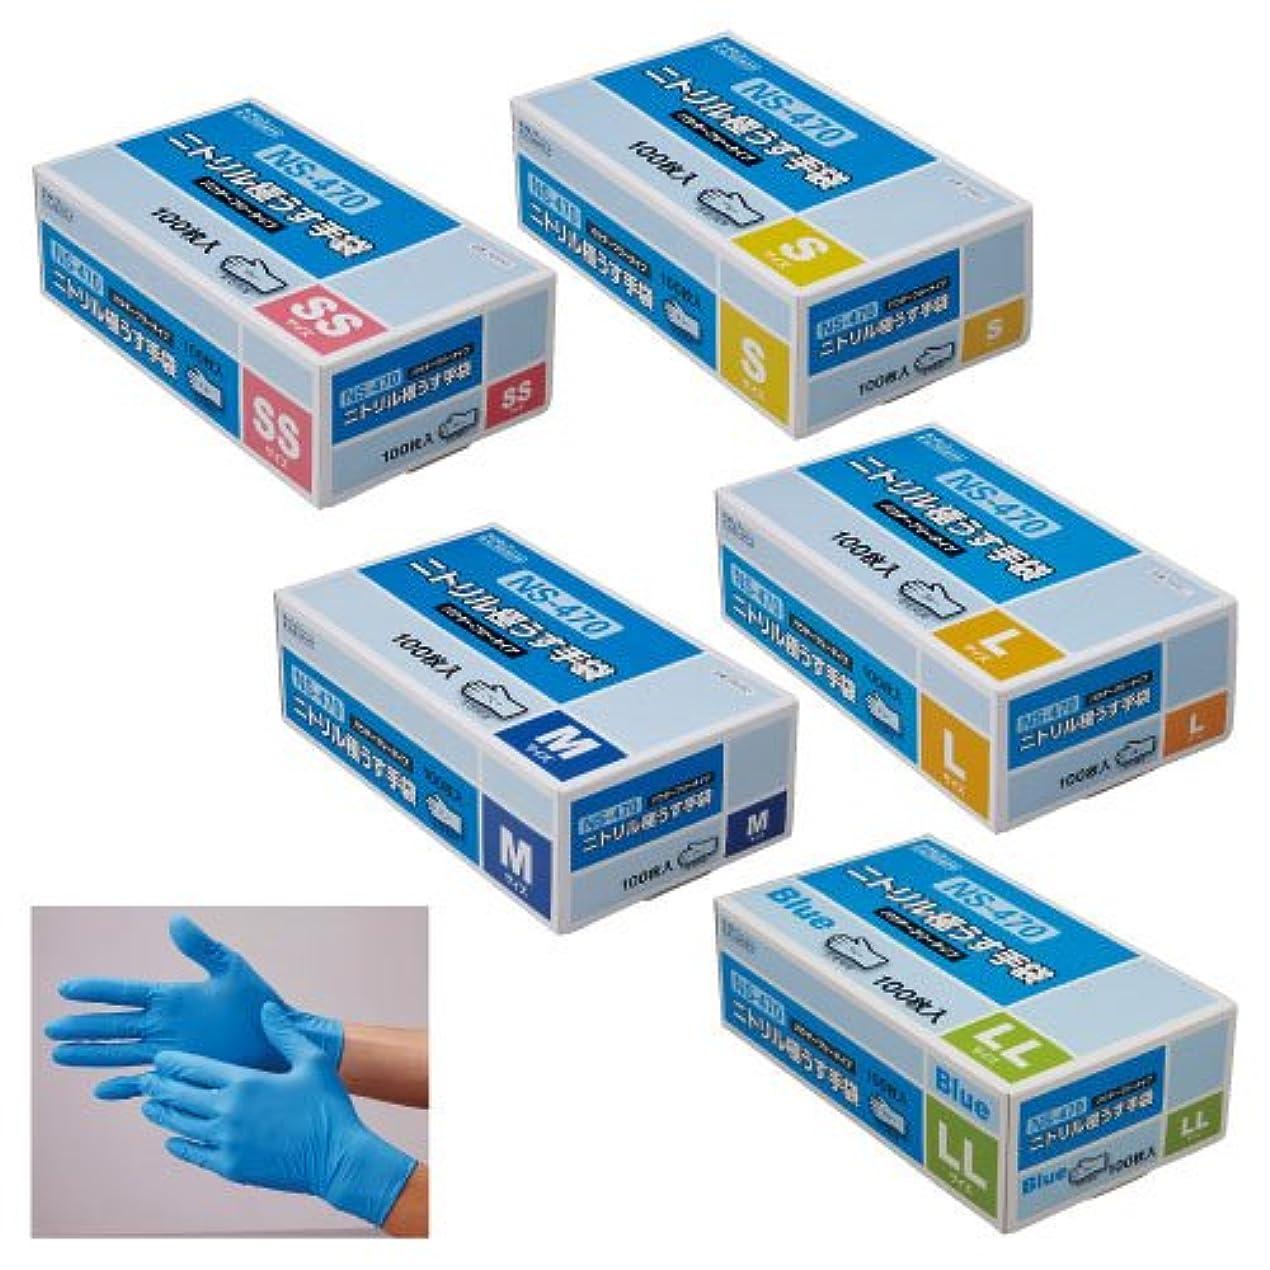 バルブレイプ薬用ニトリル極うす手袋 NS-470 ??????????????NS470 06451(L)????100????(24-2571-03)【20箱単位】